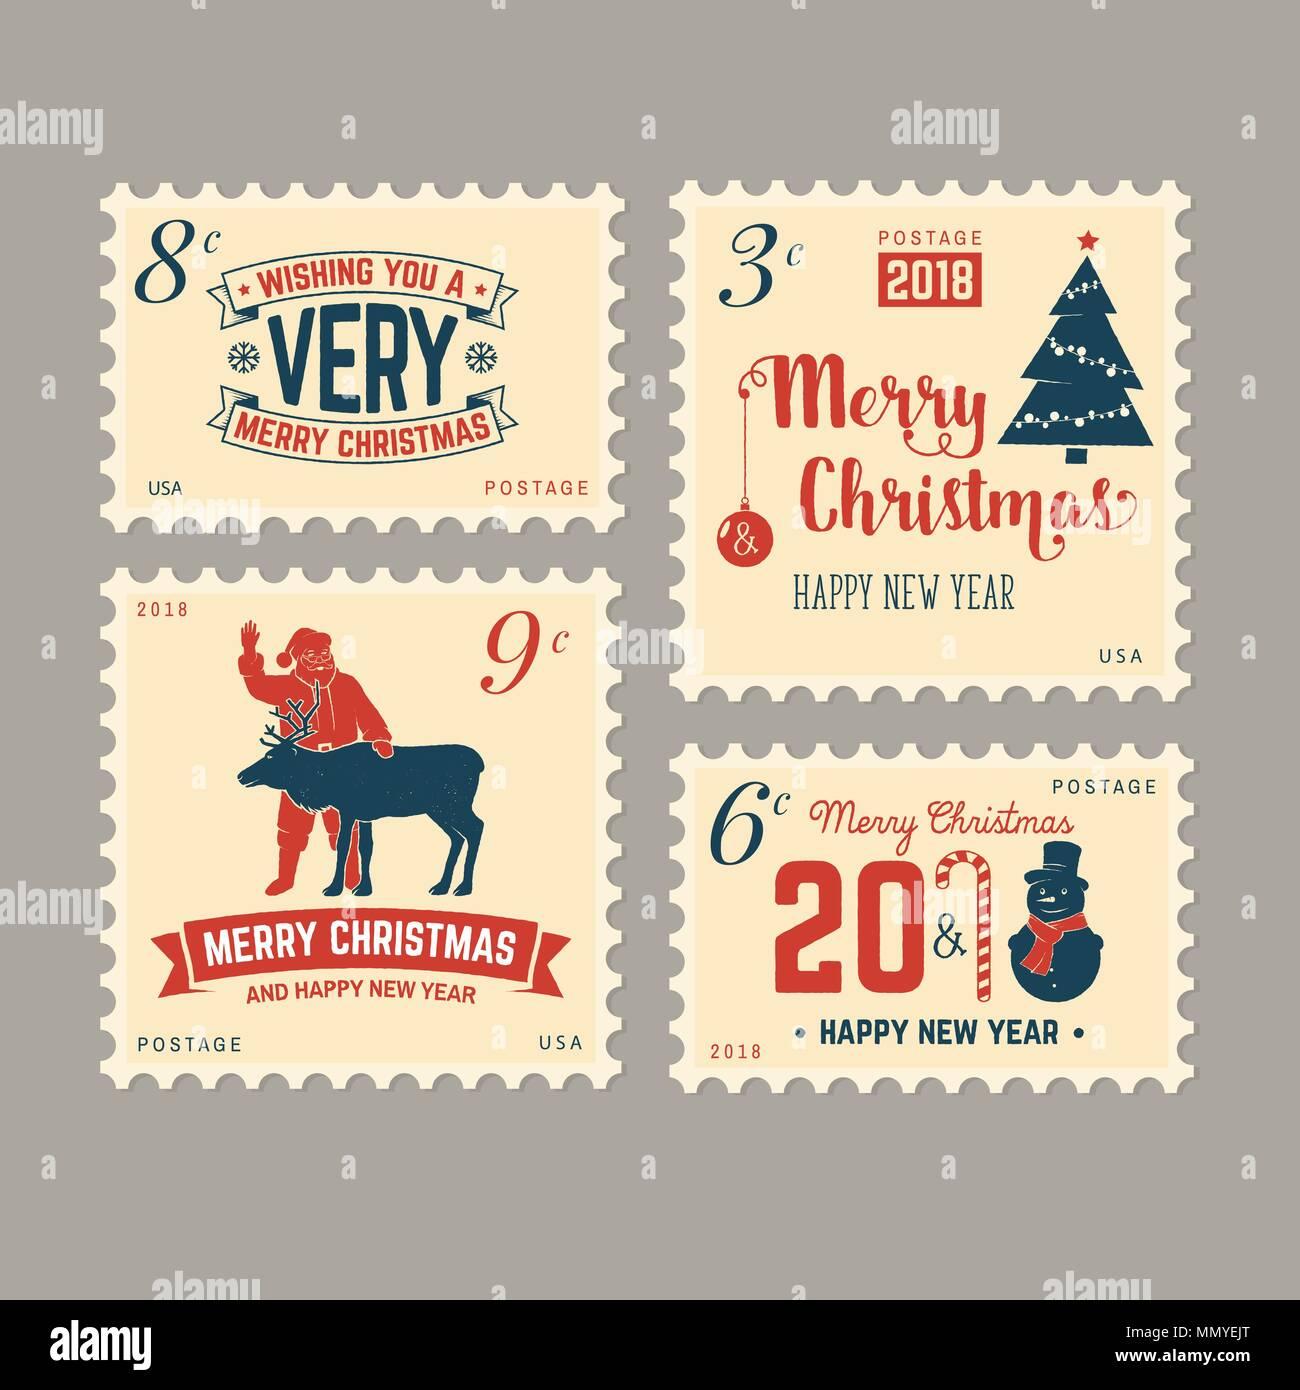 frohe weihnachten und ein gl ckliches neues jahr 2018 retro briefmarke mit dem weihnachtsmann